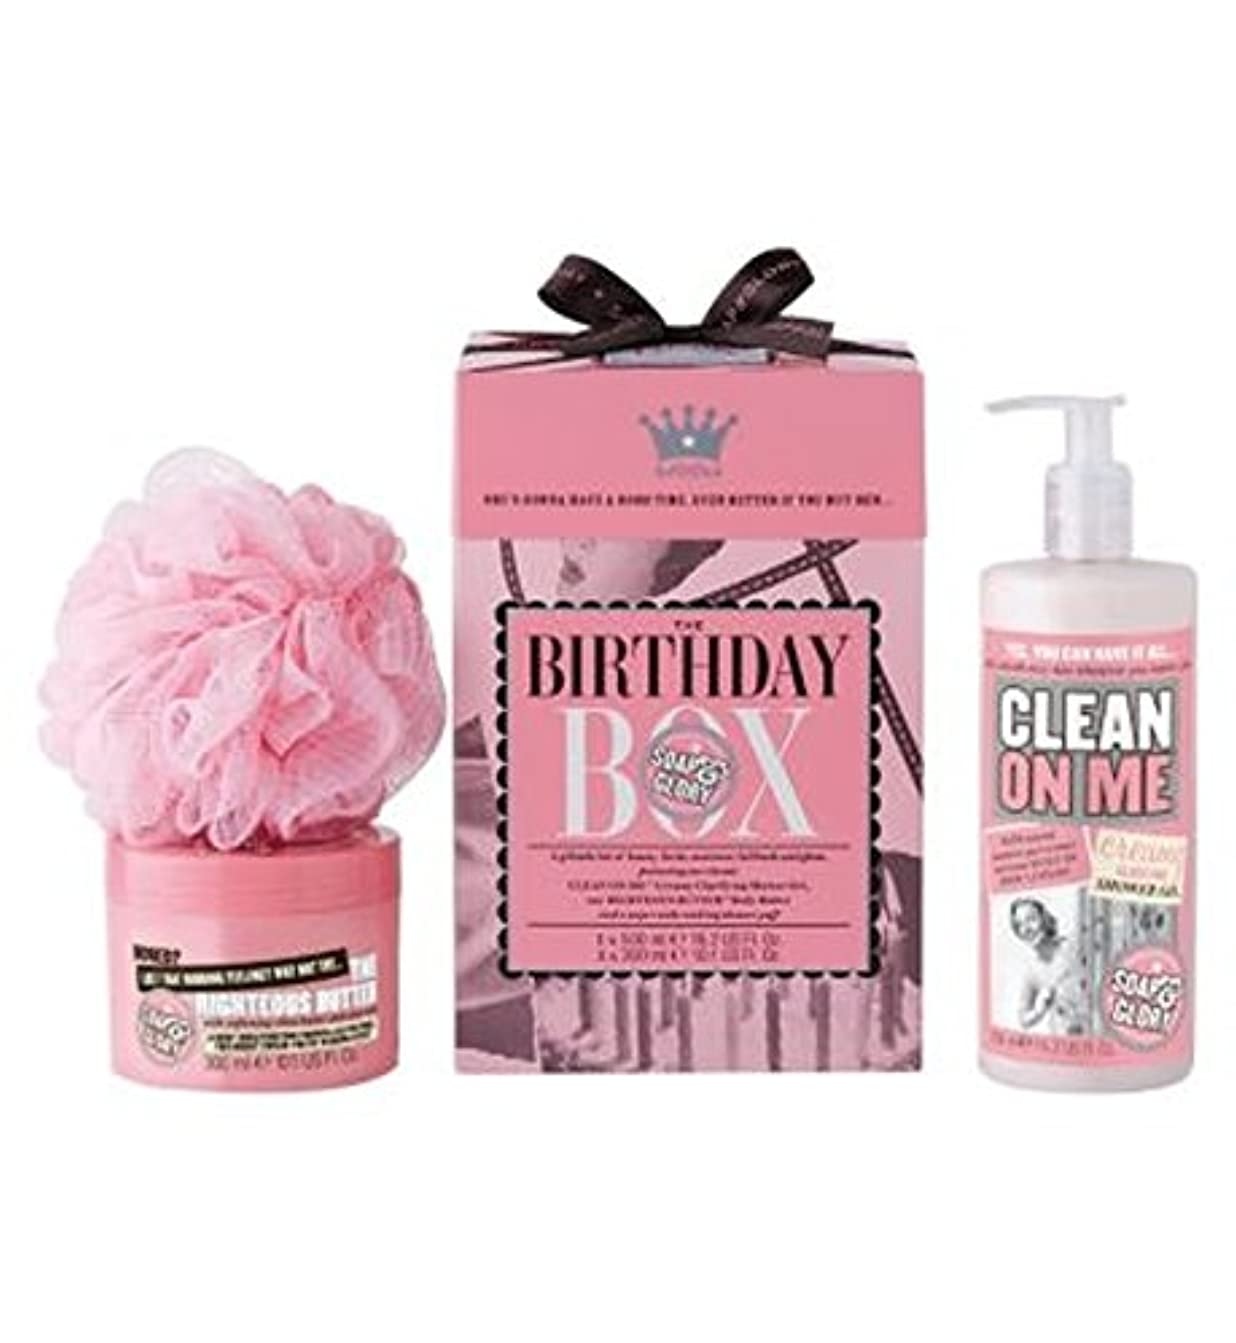 動く便宜ブランチSoap & Glory The Birthday Box Gift Set - 石鹸&栄光の誕生日箱のギフトセット (Soap & Glory) [並行輸入品]